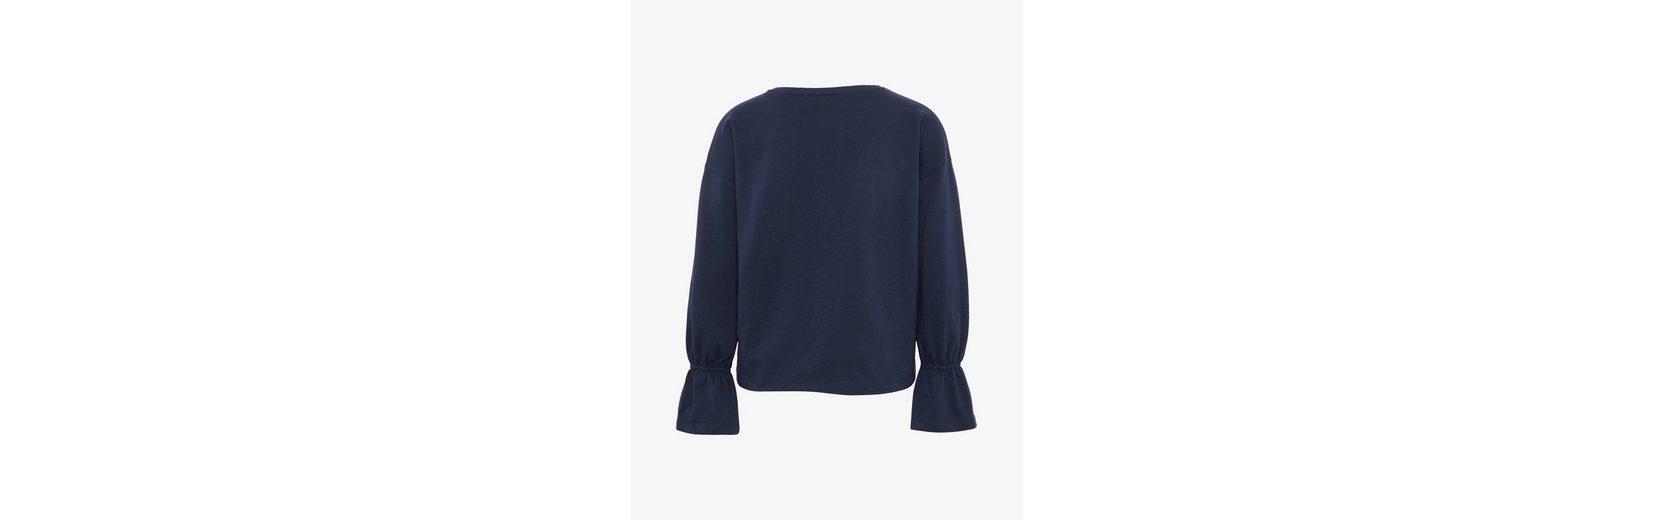 Tom Tailor Denim Sweater Shirt mit Schmetterlings-Stickerei Steckdose Mit Paypal Um Sammlungen Auslass Wirklich Qualität Frei Für Verkauf 8fHwBsK